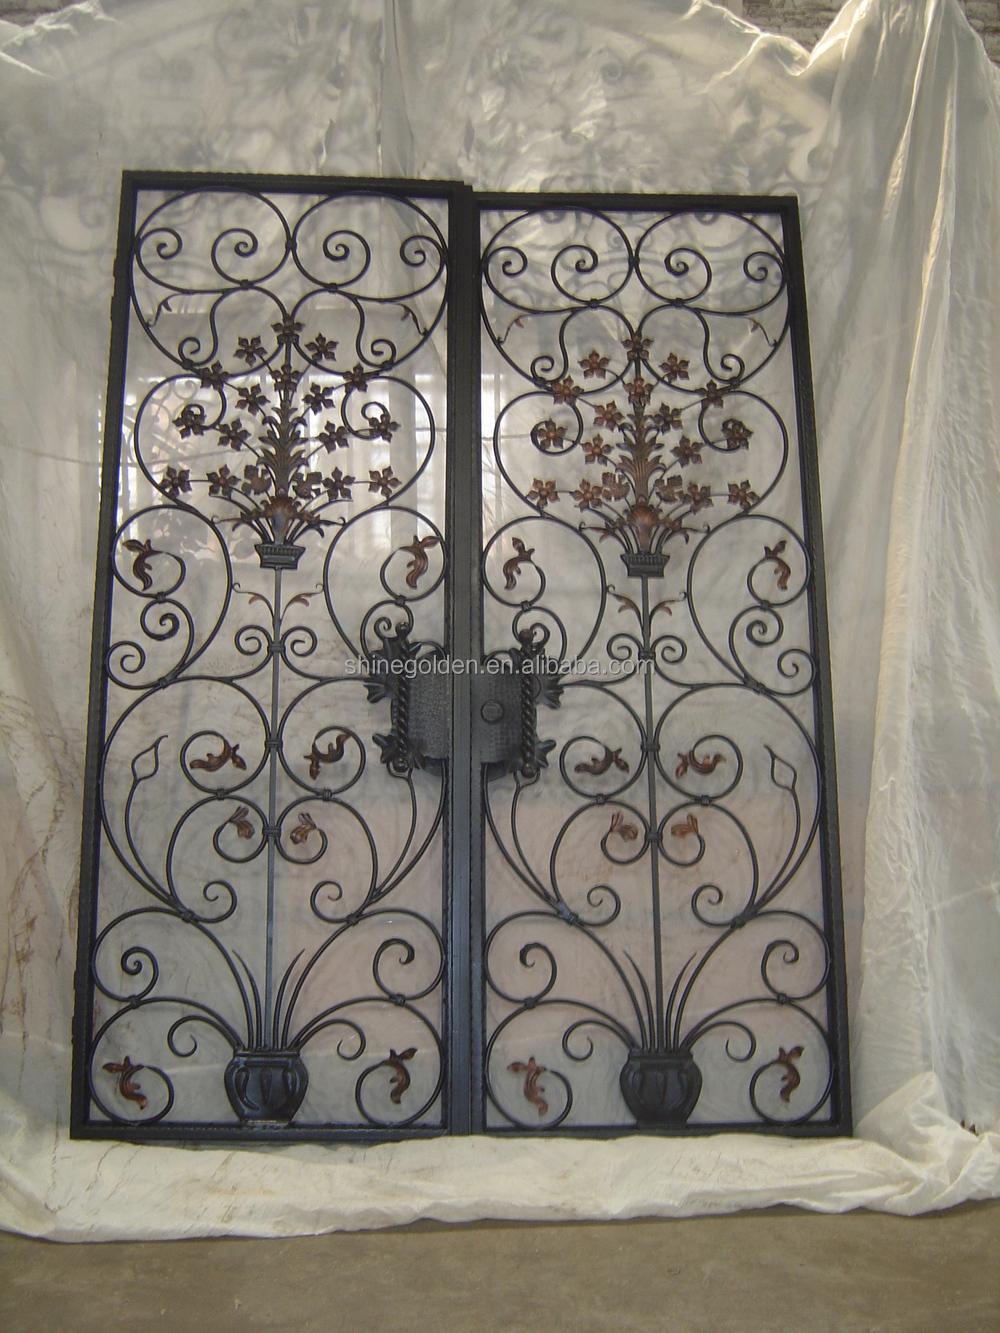 Elegant wrought iron front door design gyd 15d0267 buy wrought iron interior door wrought iron - Wrought iron indoor decor classy elegance ...